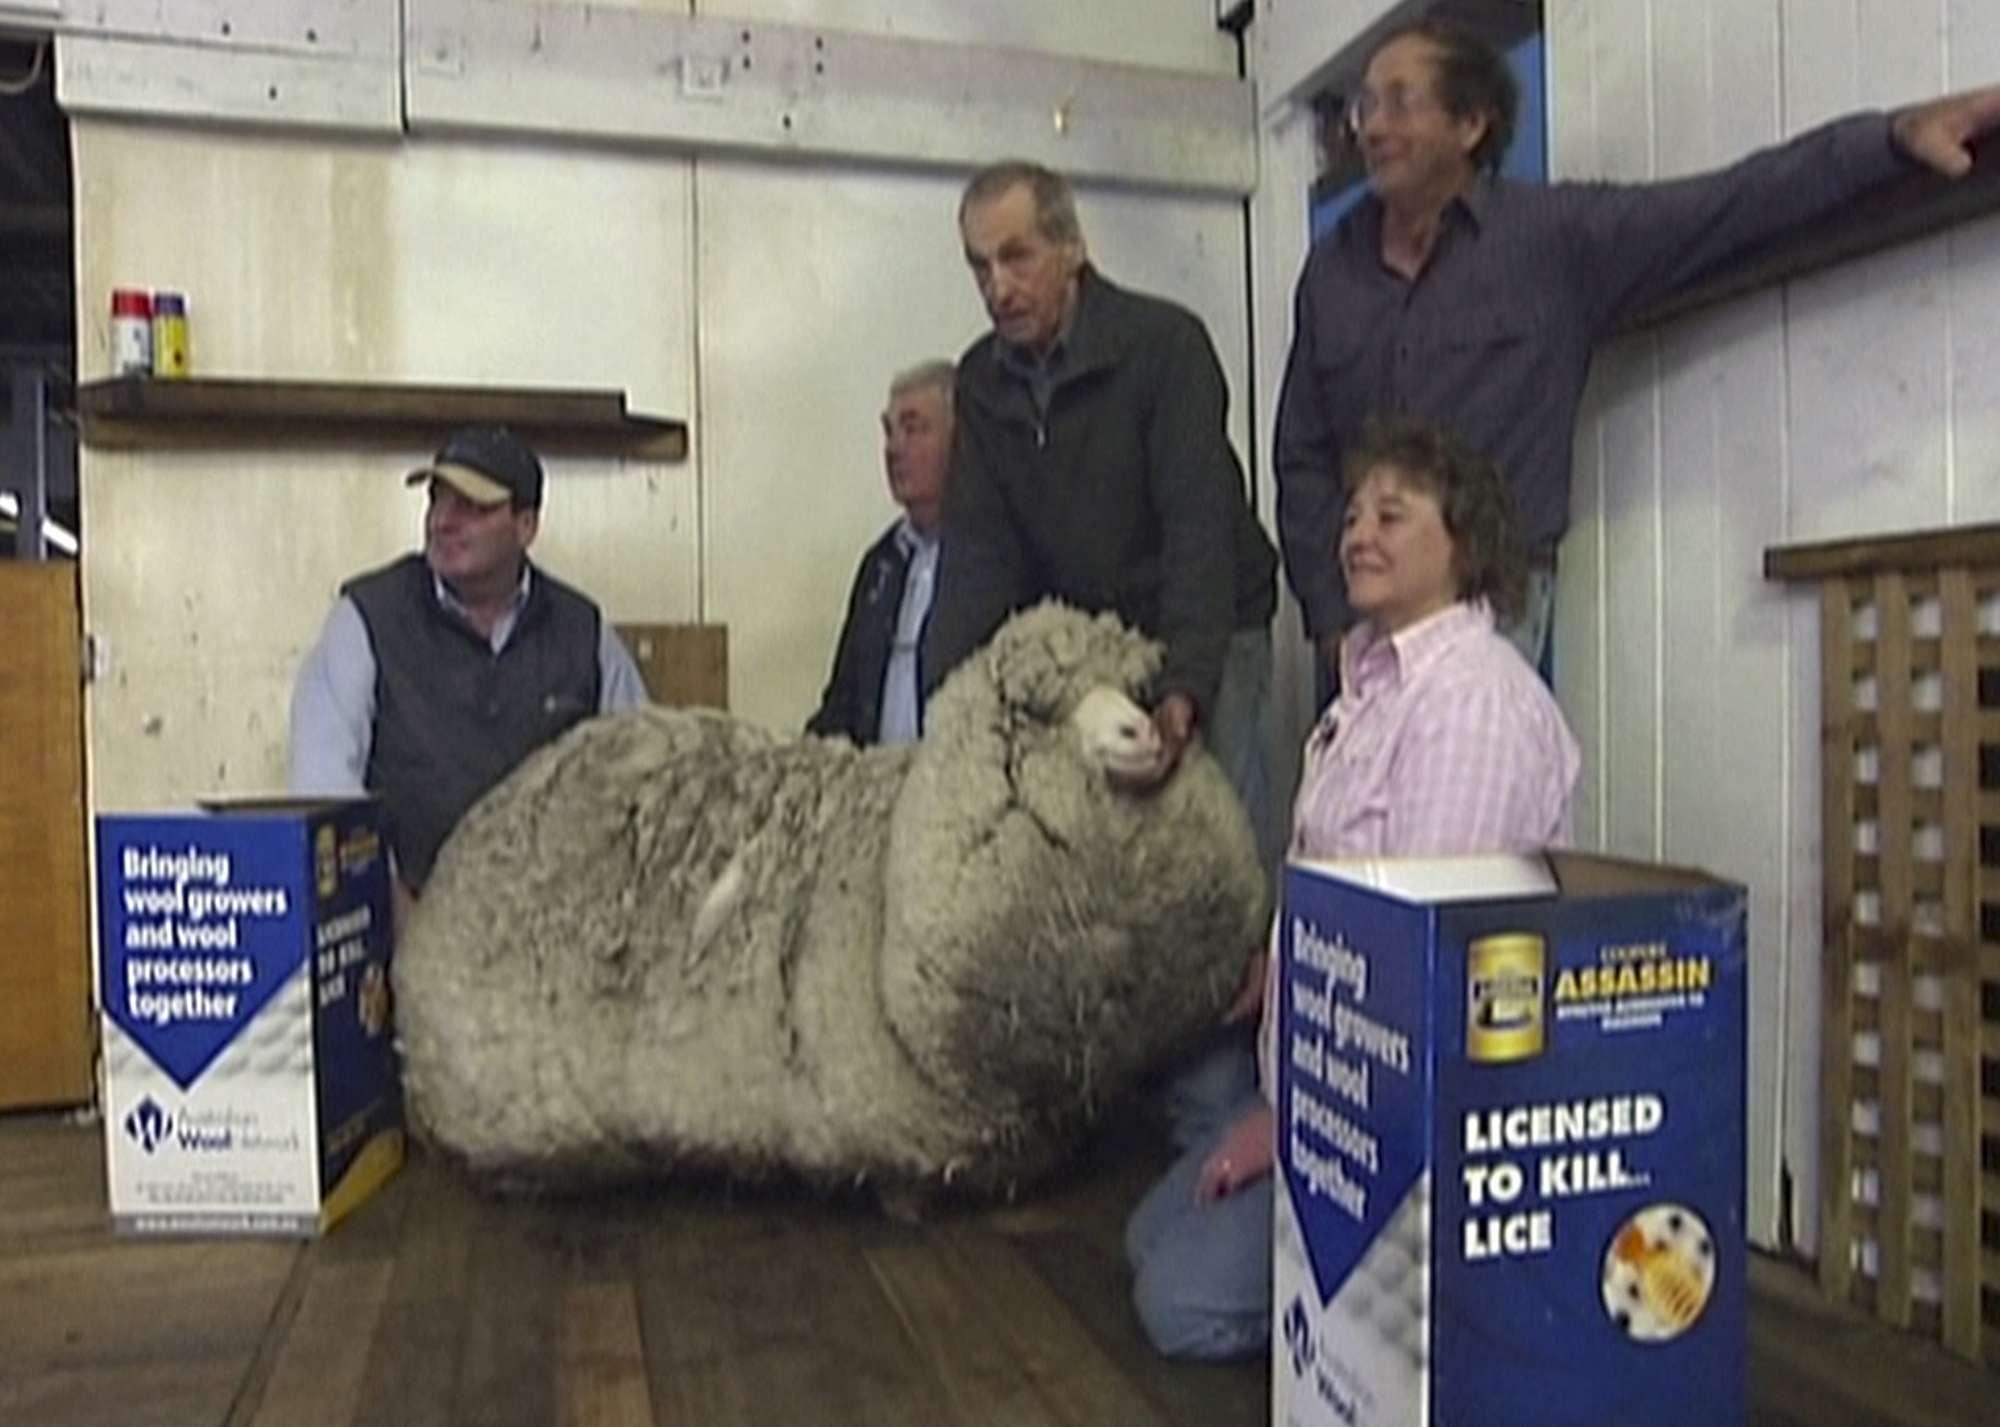 Hallan la oveja con más lana del mundo en Australia